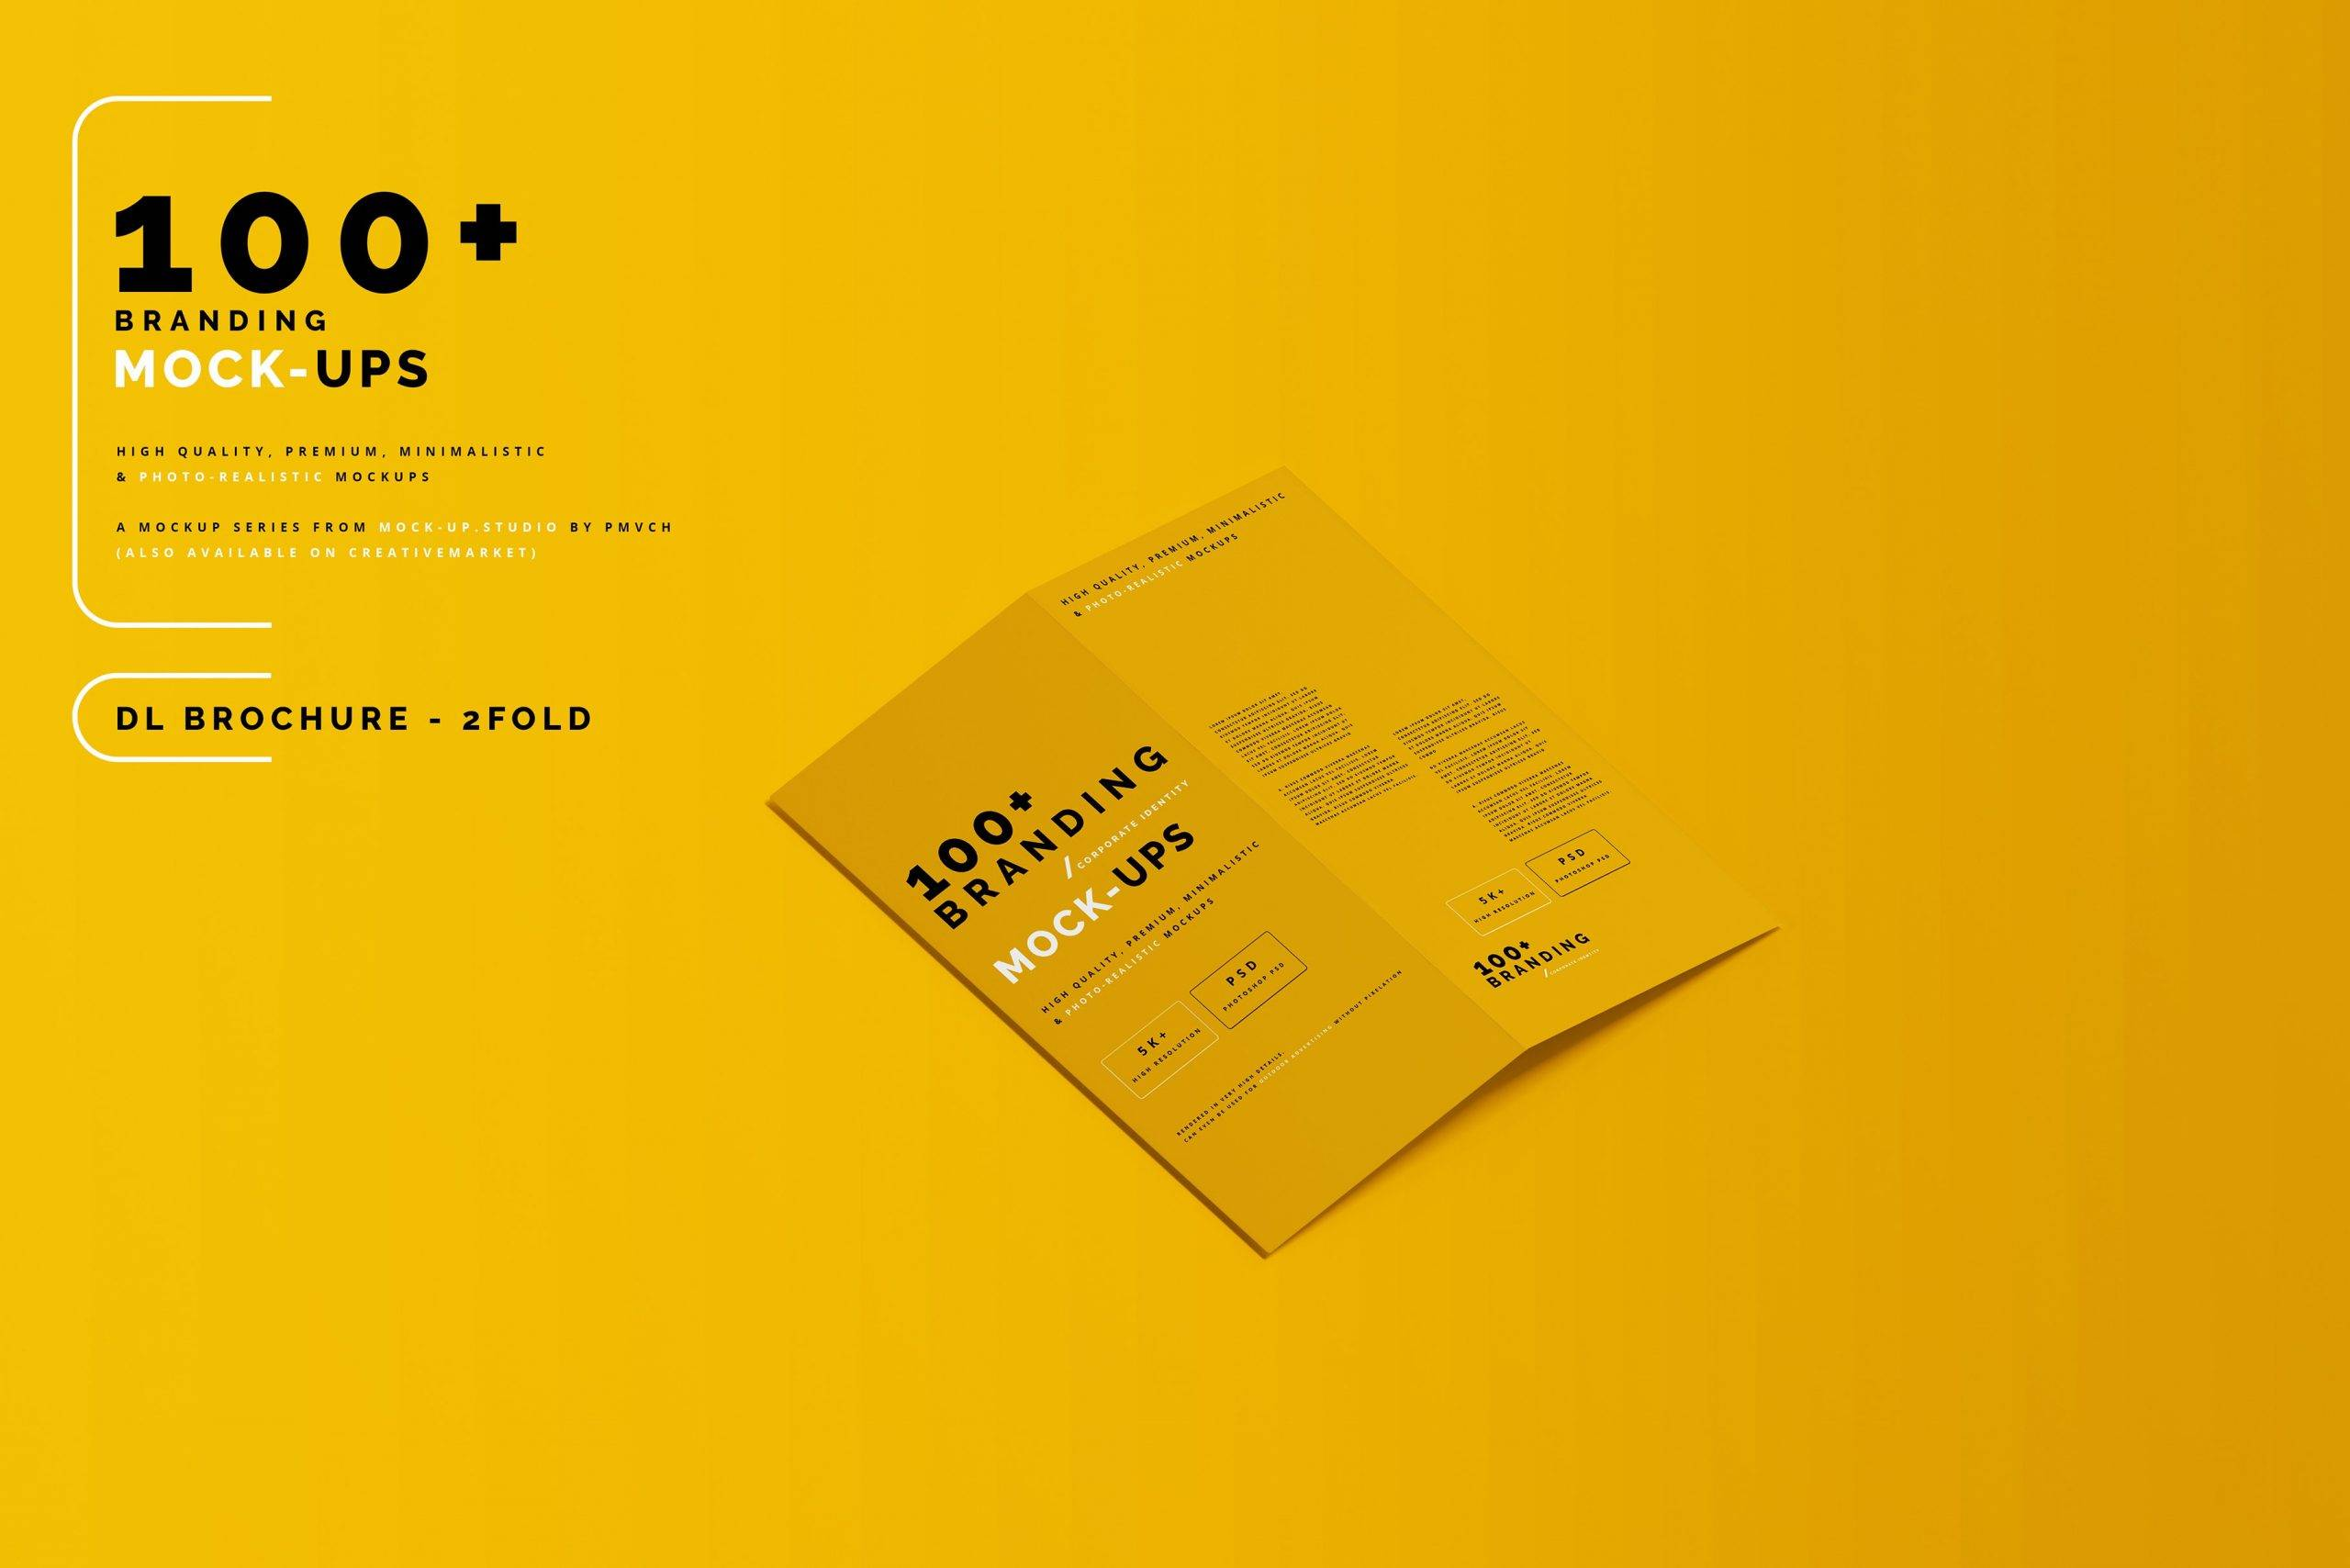 VI样机:100多个宣传册书籍瓶子名片CD封套咖啡杯化妆品海报横幅高分辨率品牌PSD样机(4248)插图(18)